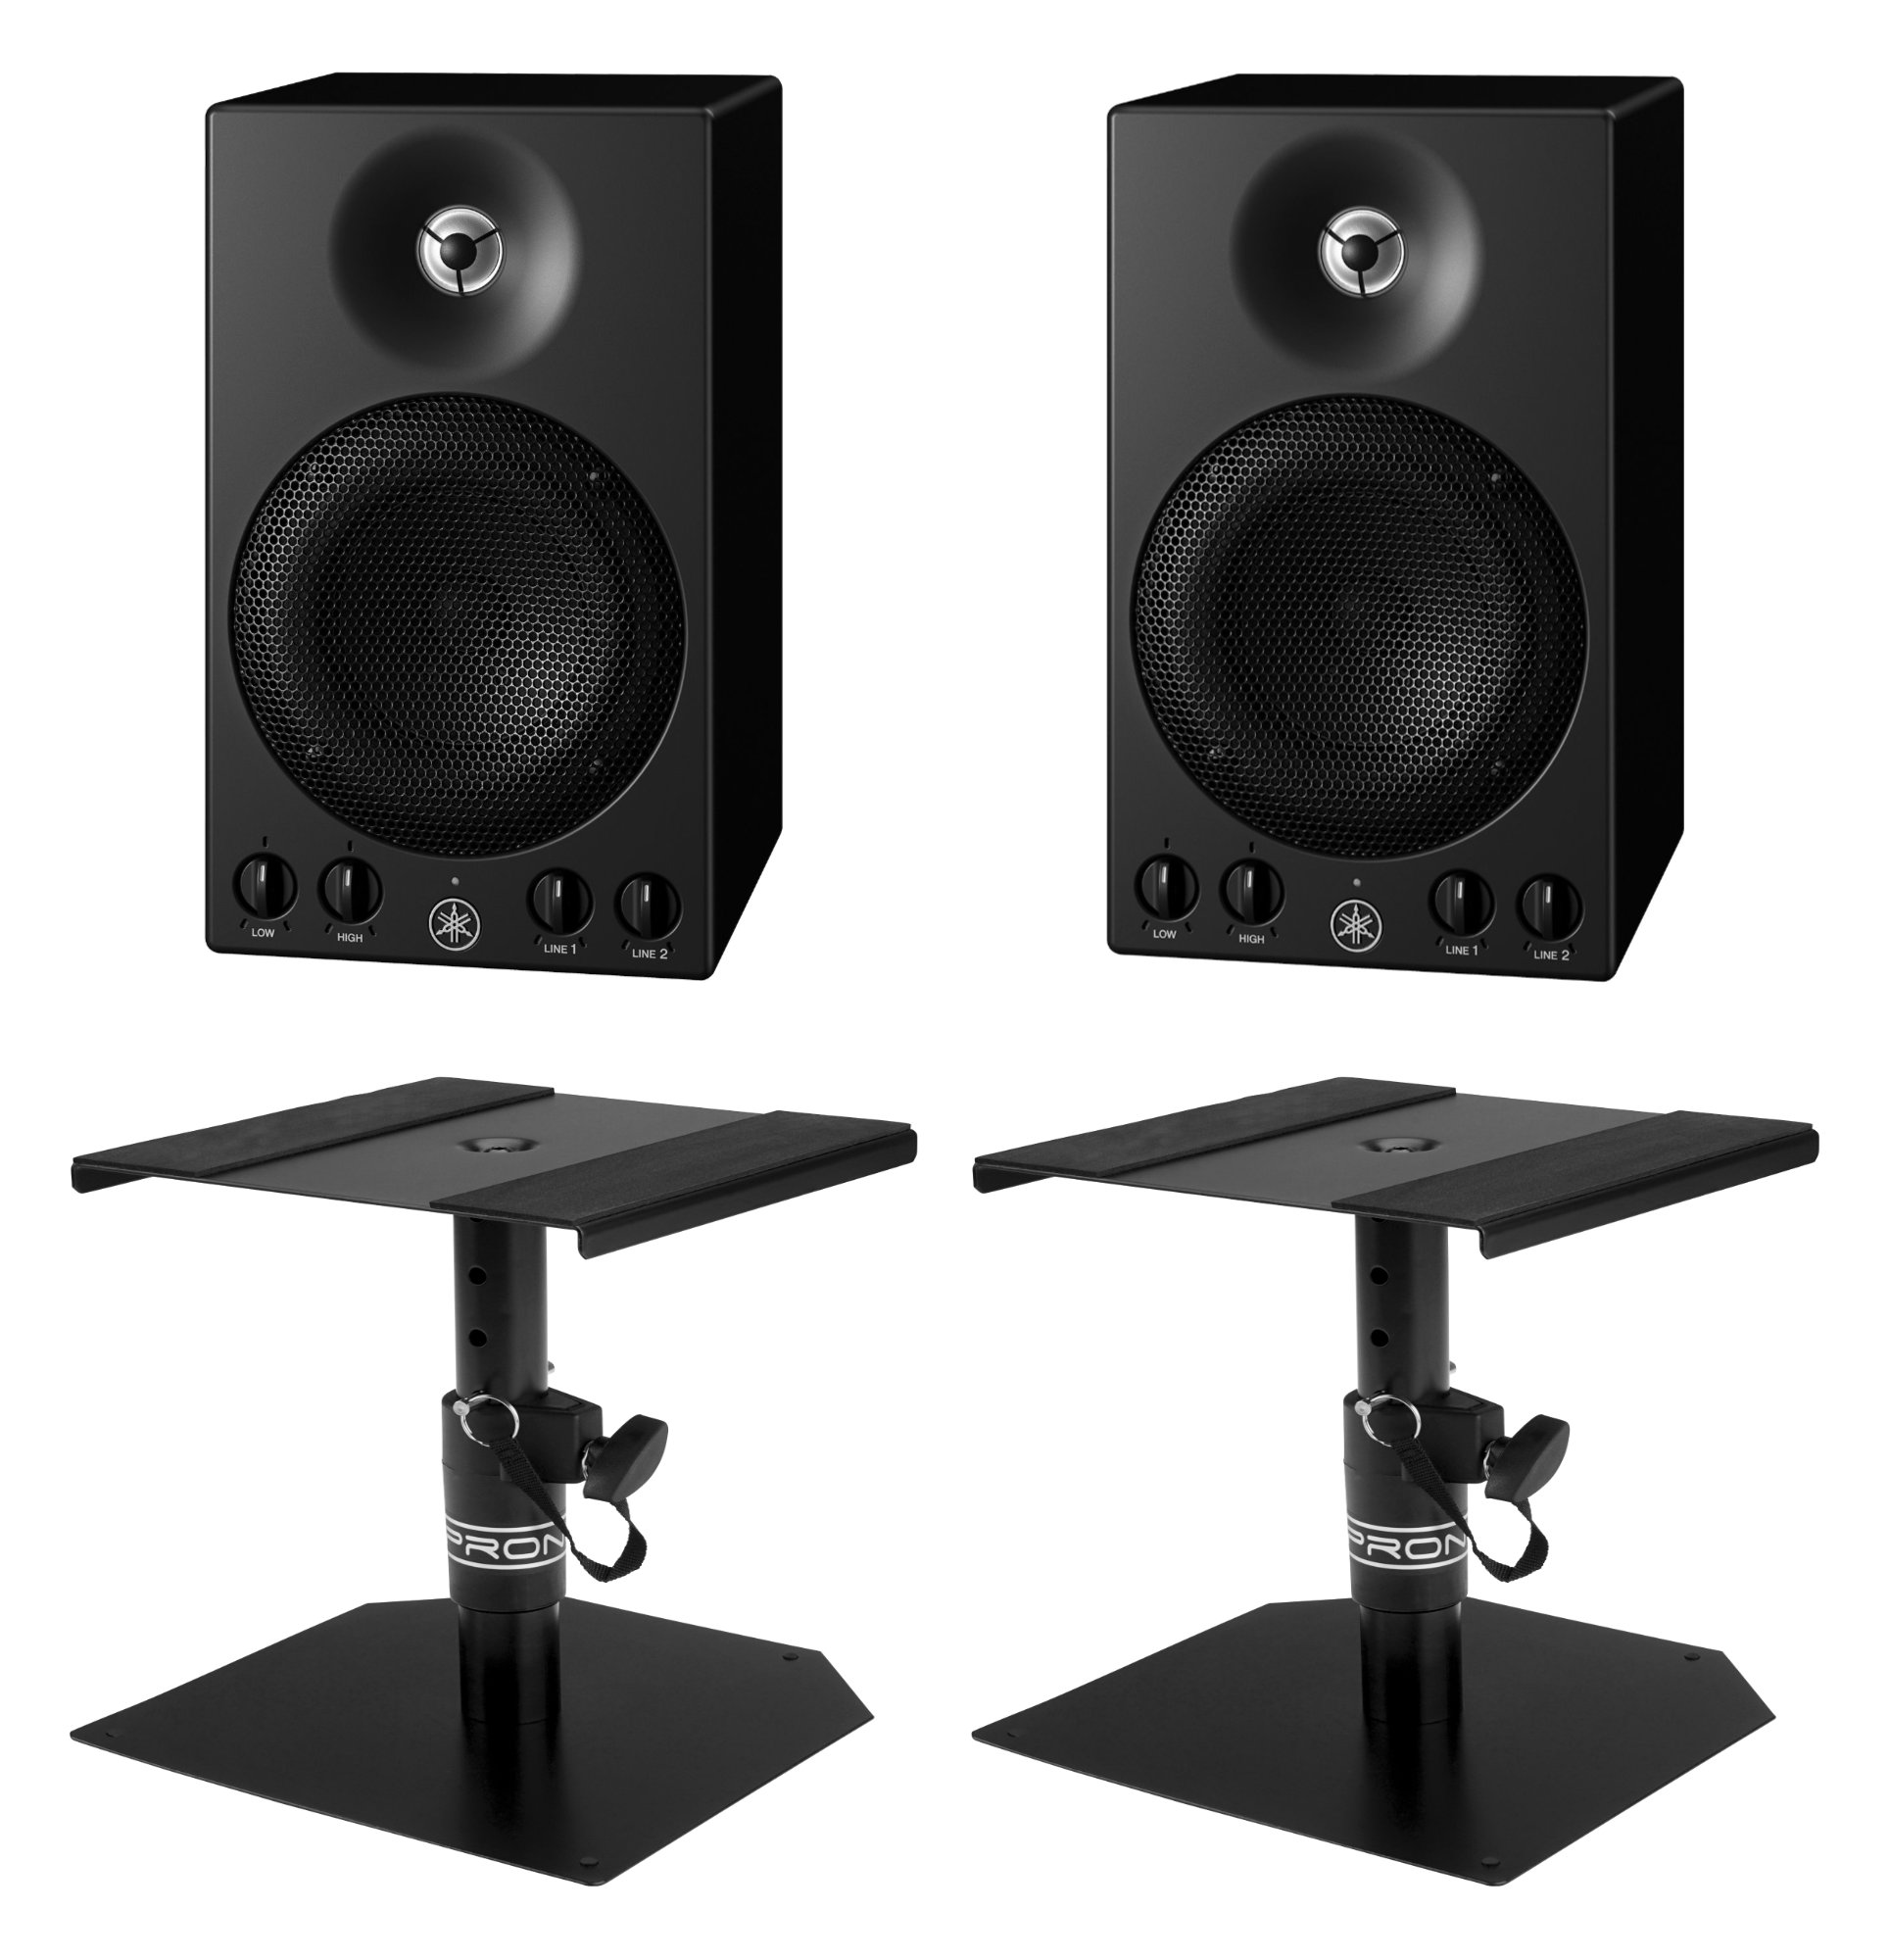 Studiomonitore - Yamaha MSP3A Aktive Studiomonitore Stative Set - Onlineshop Musikhaus Kirstein